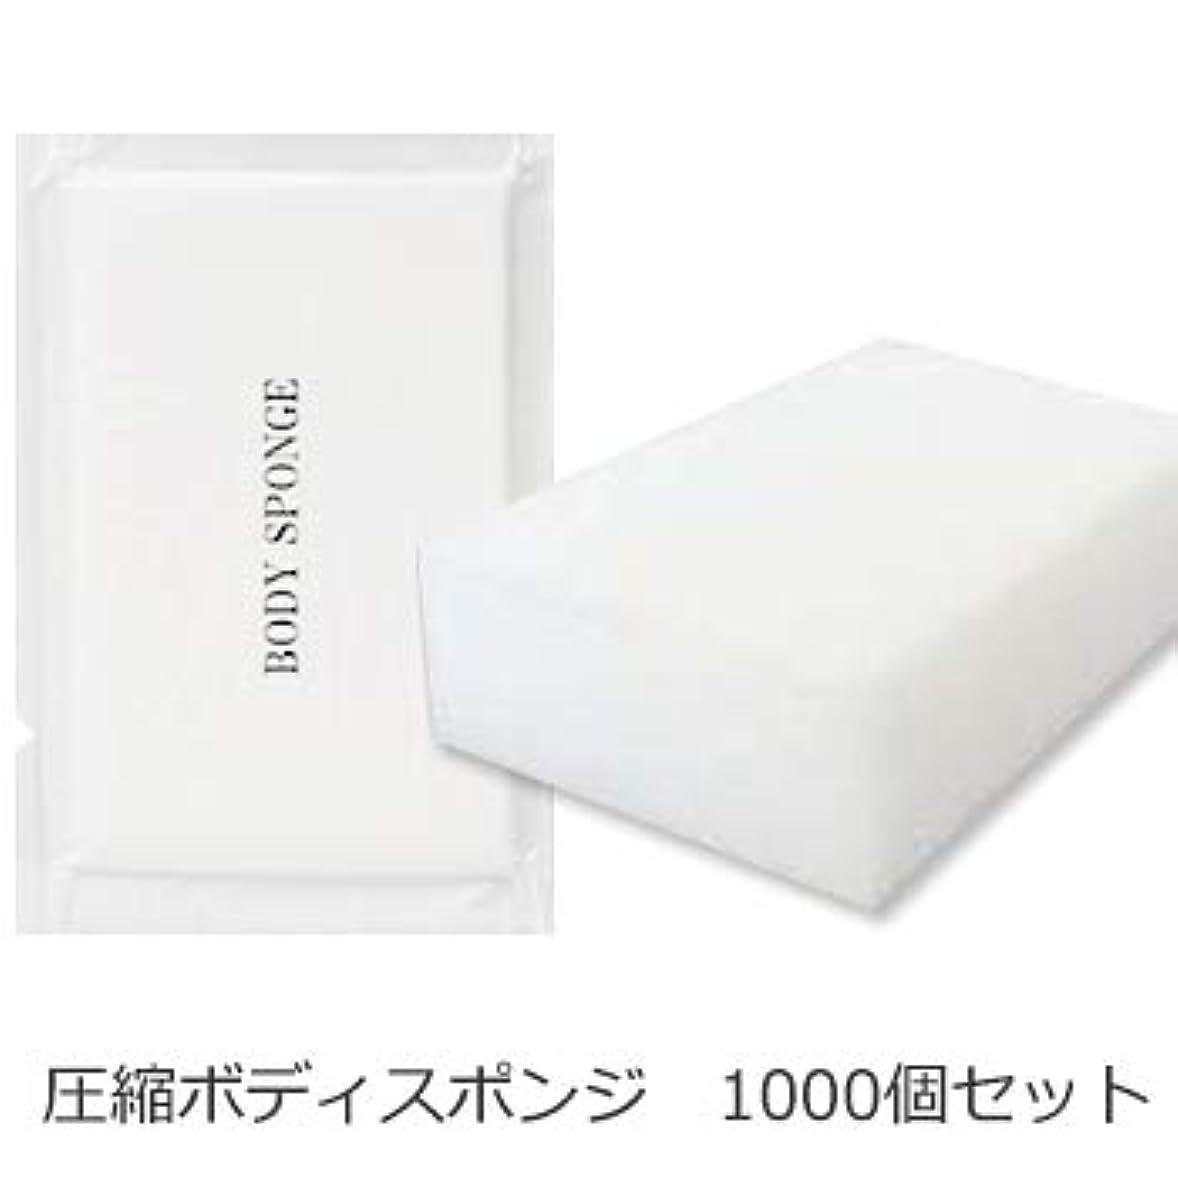 スリッパライター雪ボディスポンジ 海綿タイプ 厚み 30mm (1セット1000個入)1個当り11円税別